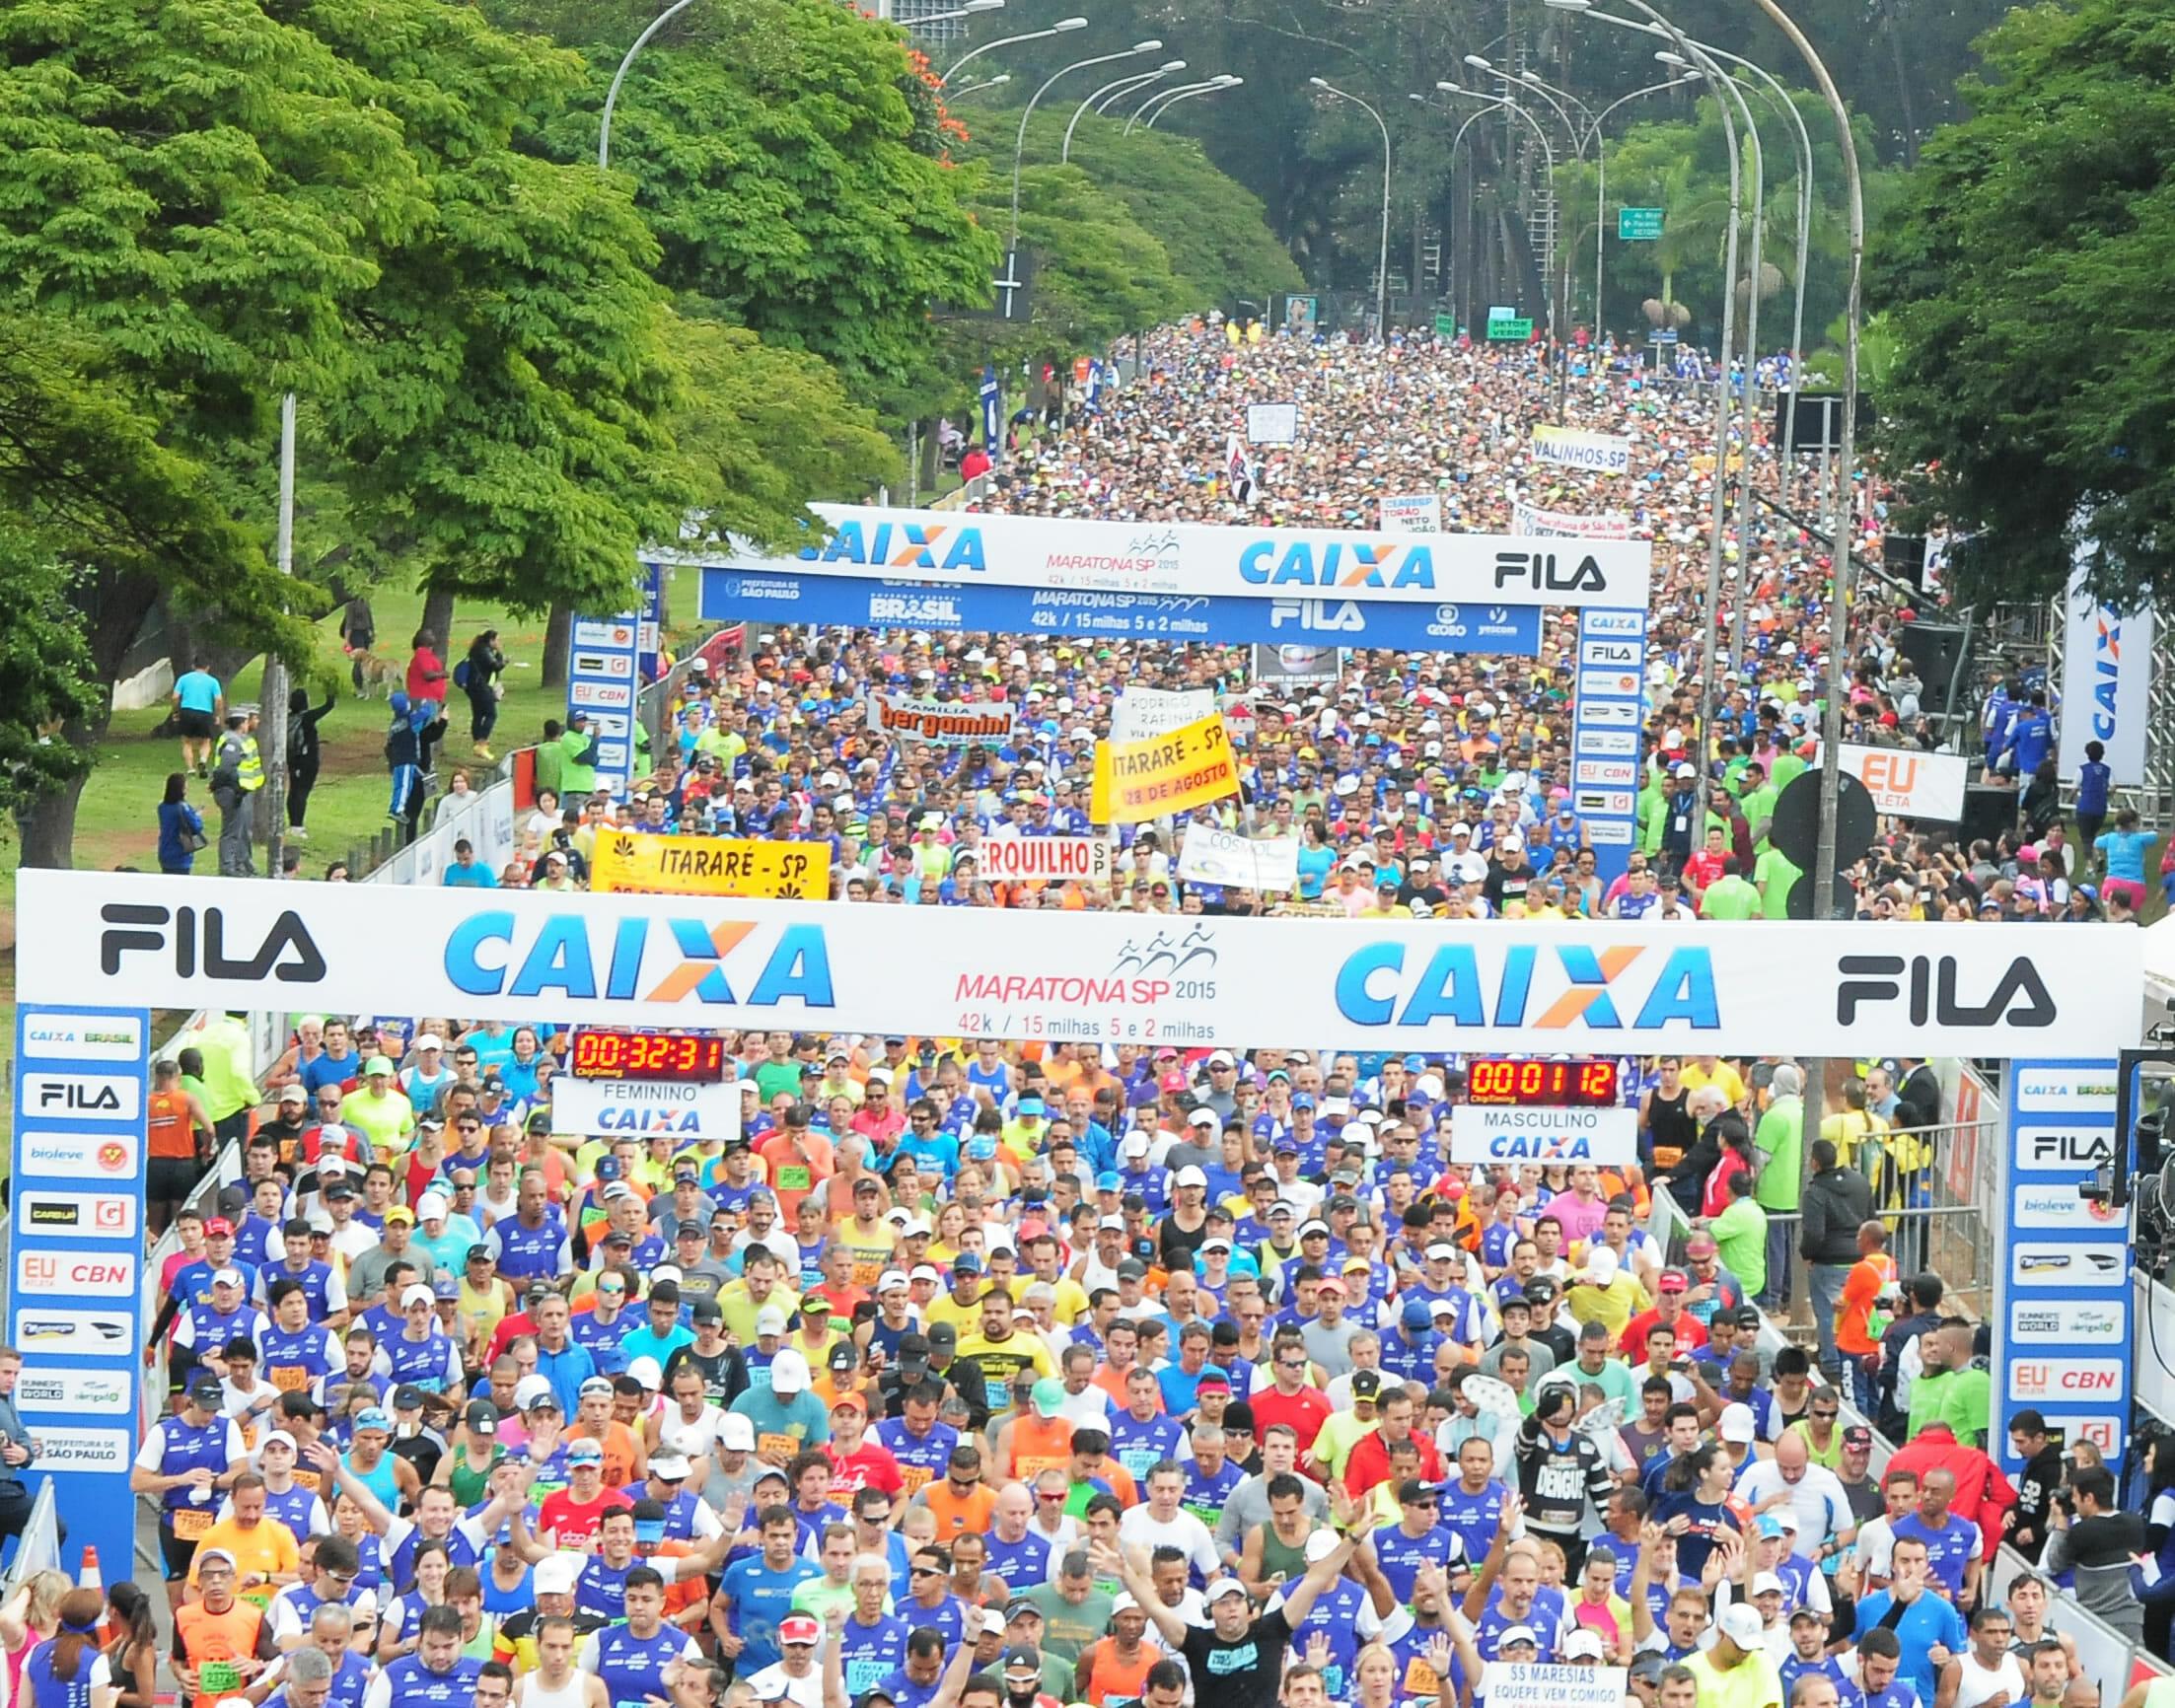 Maratona de SP 2016